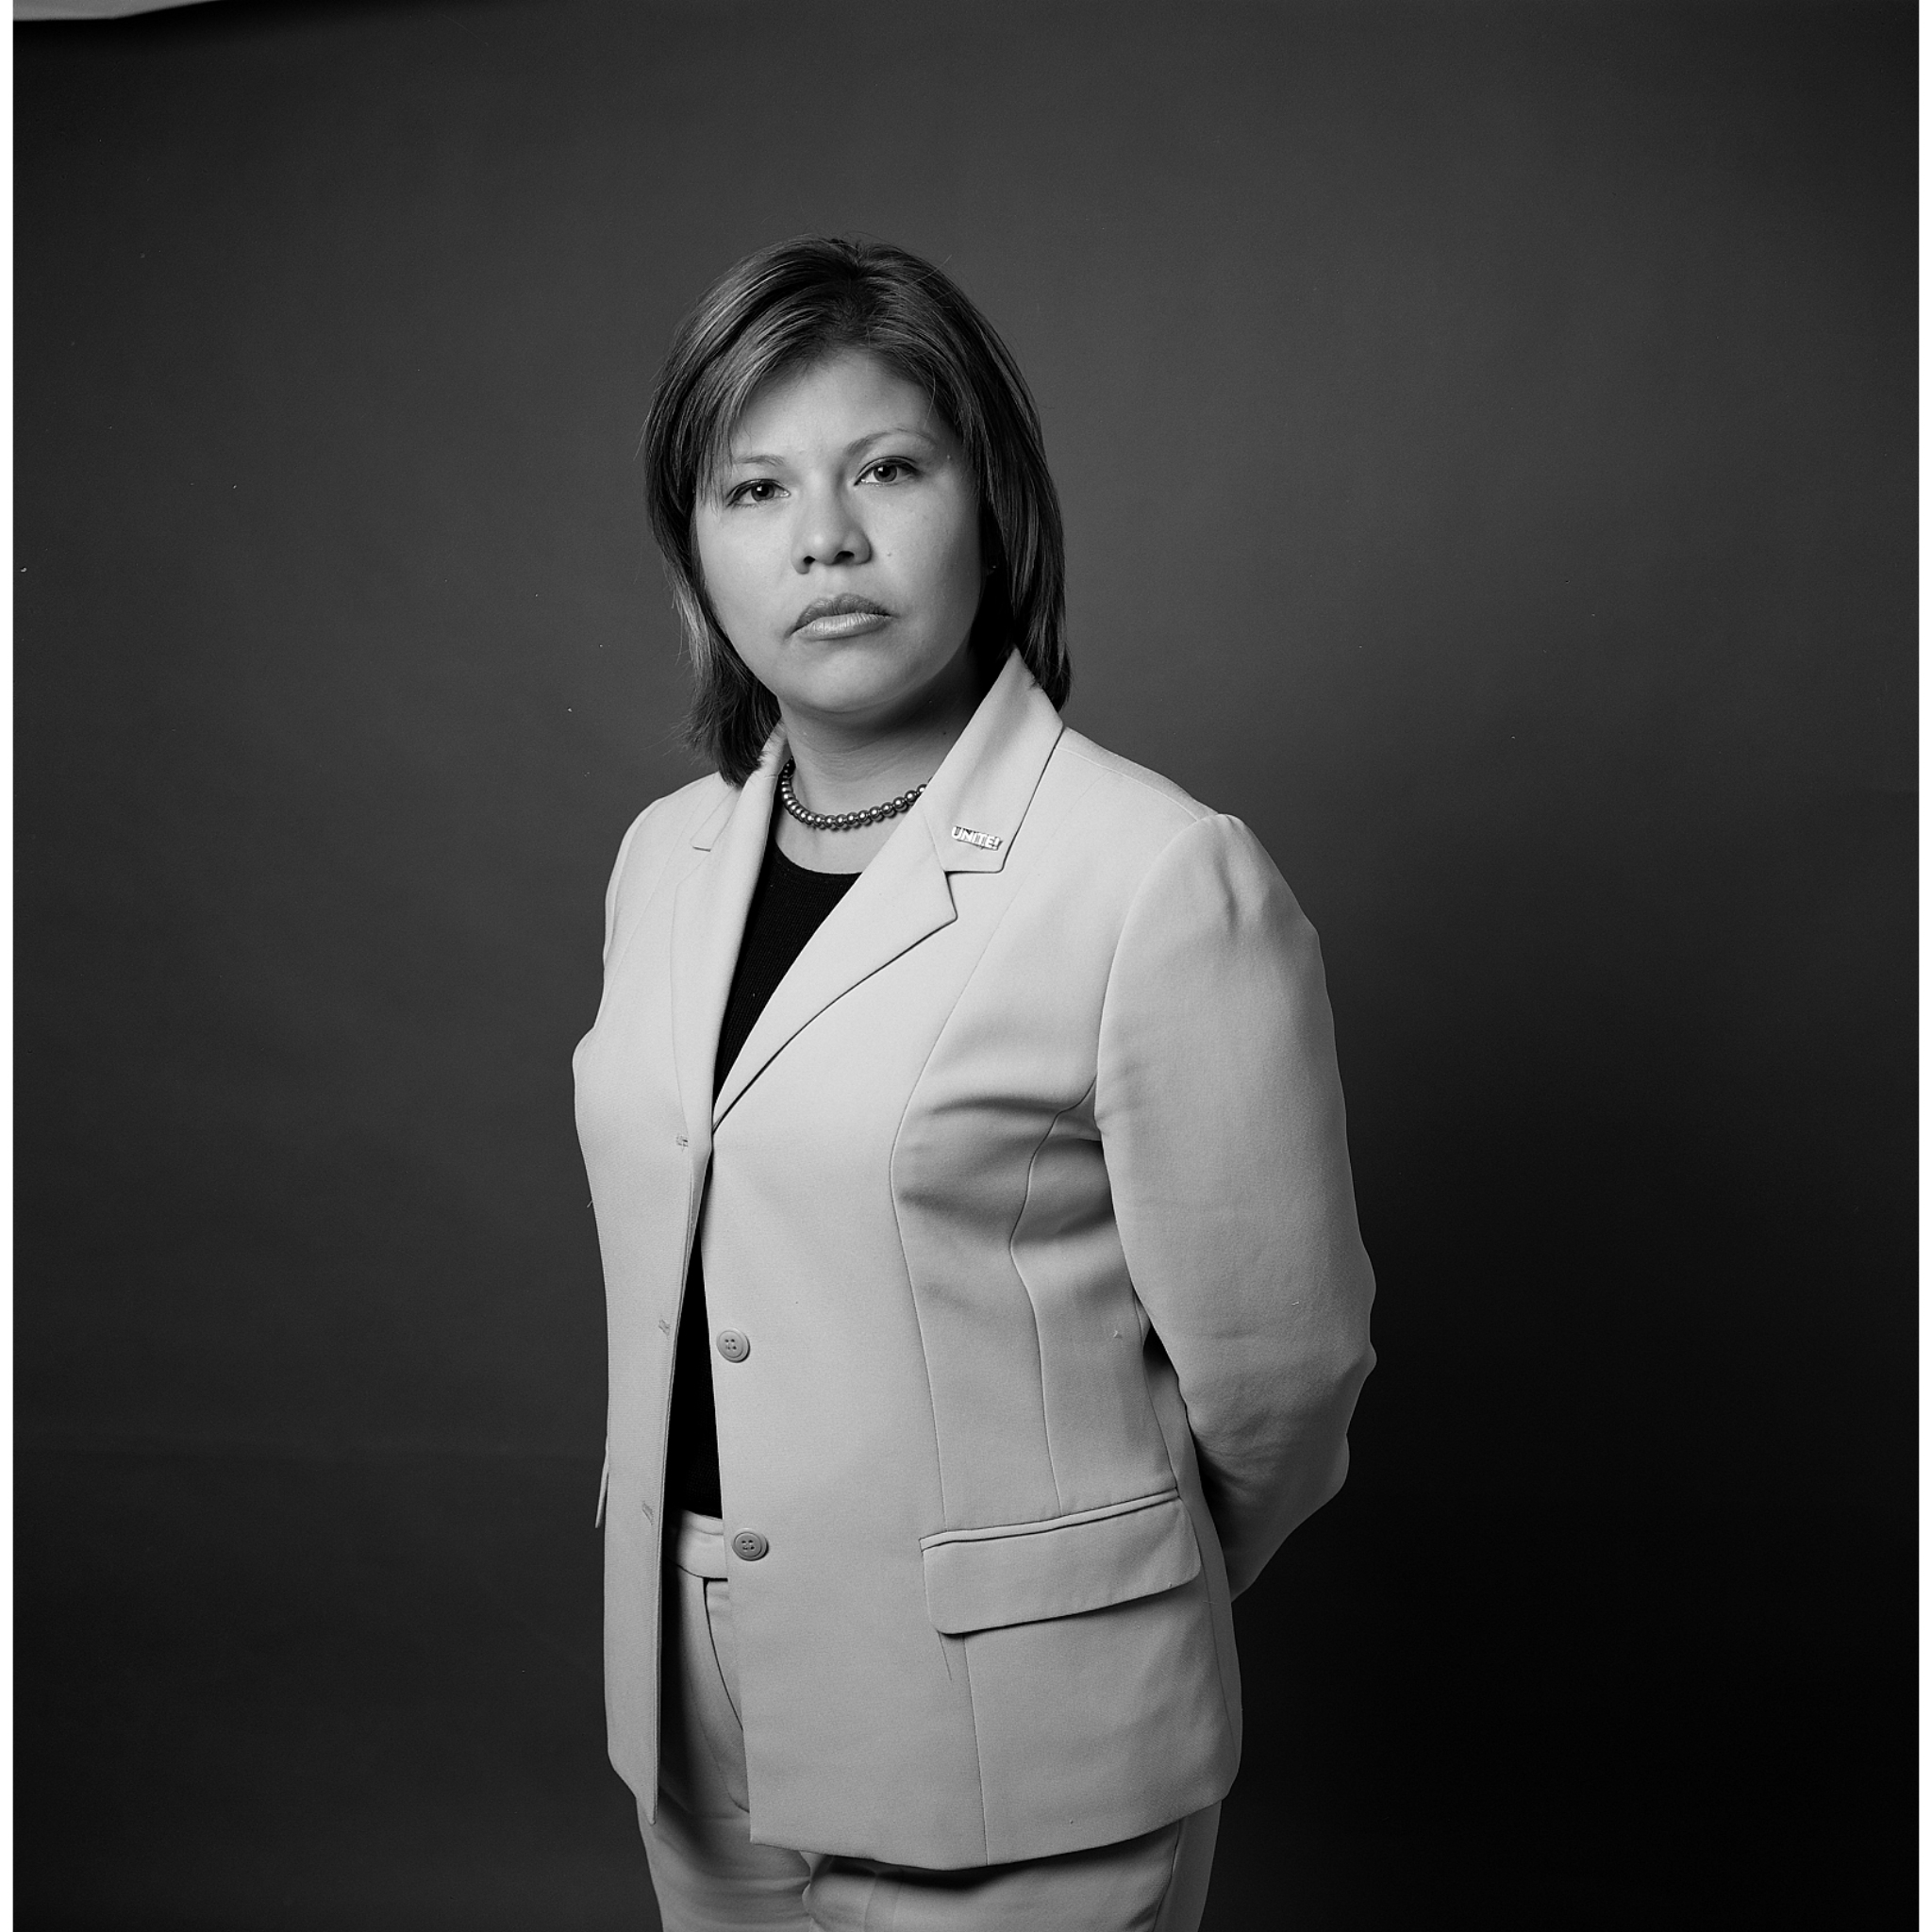 Patricia E. Campos